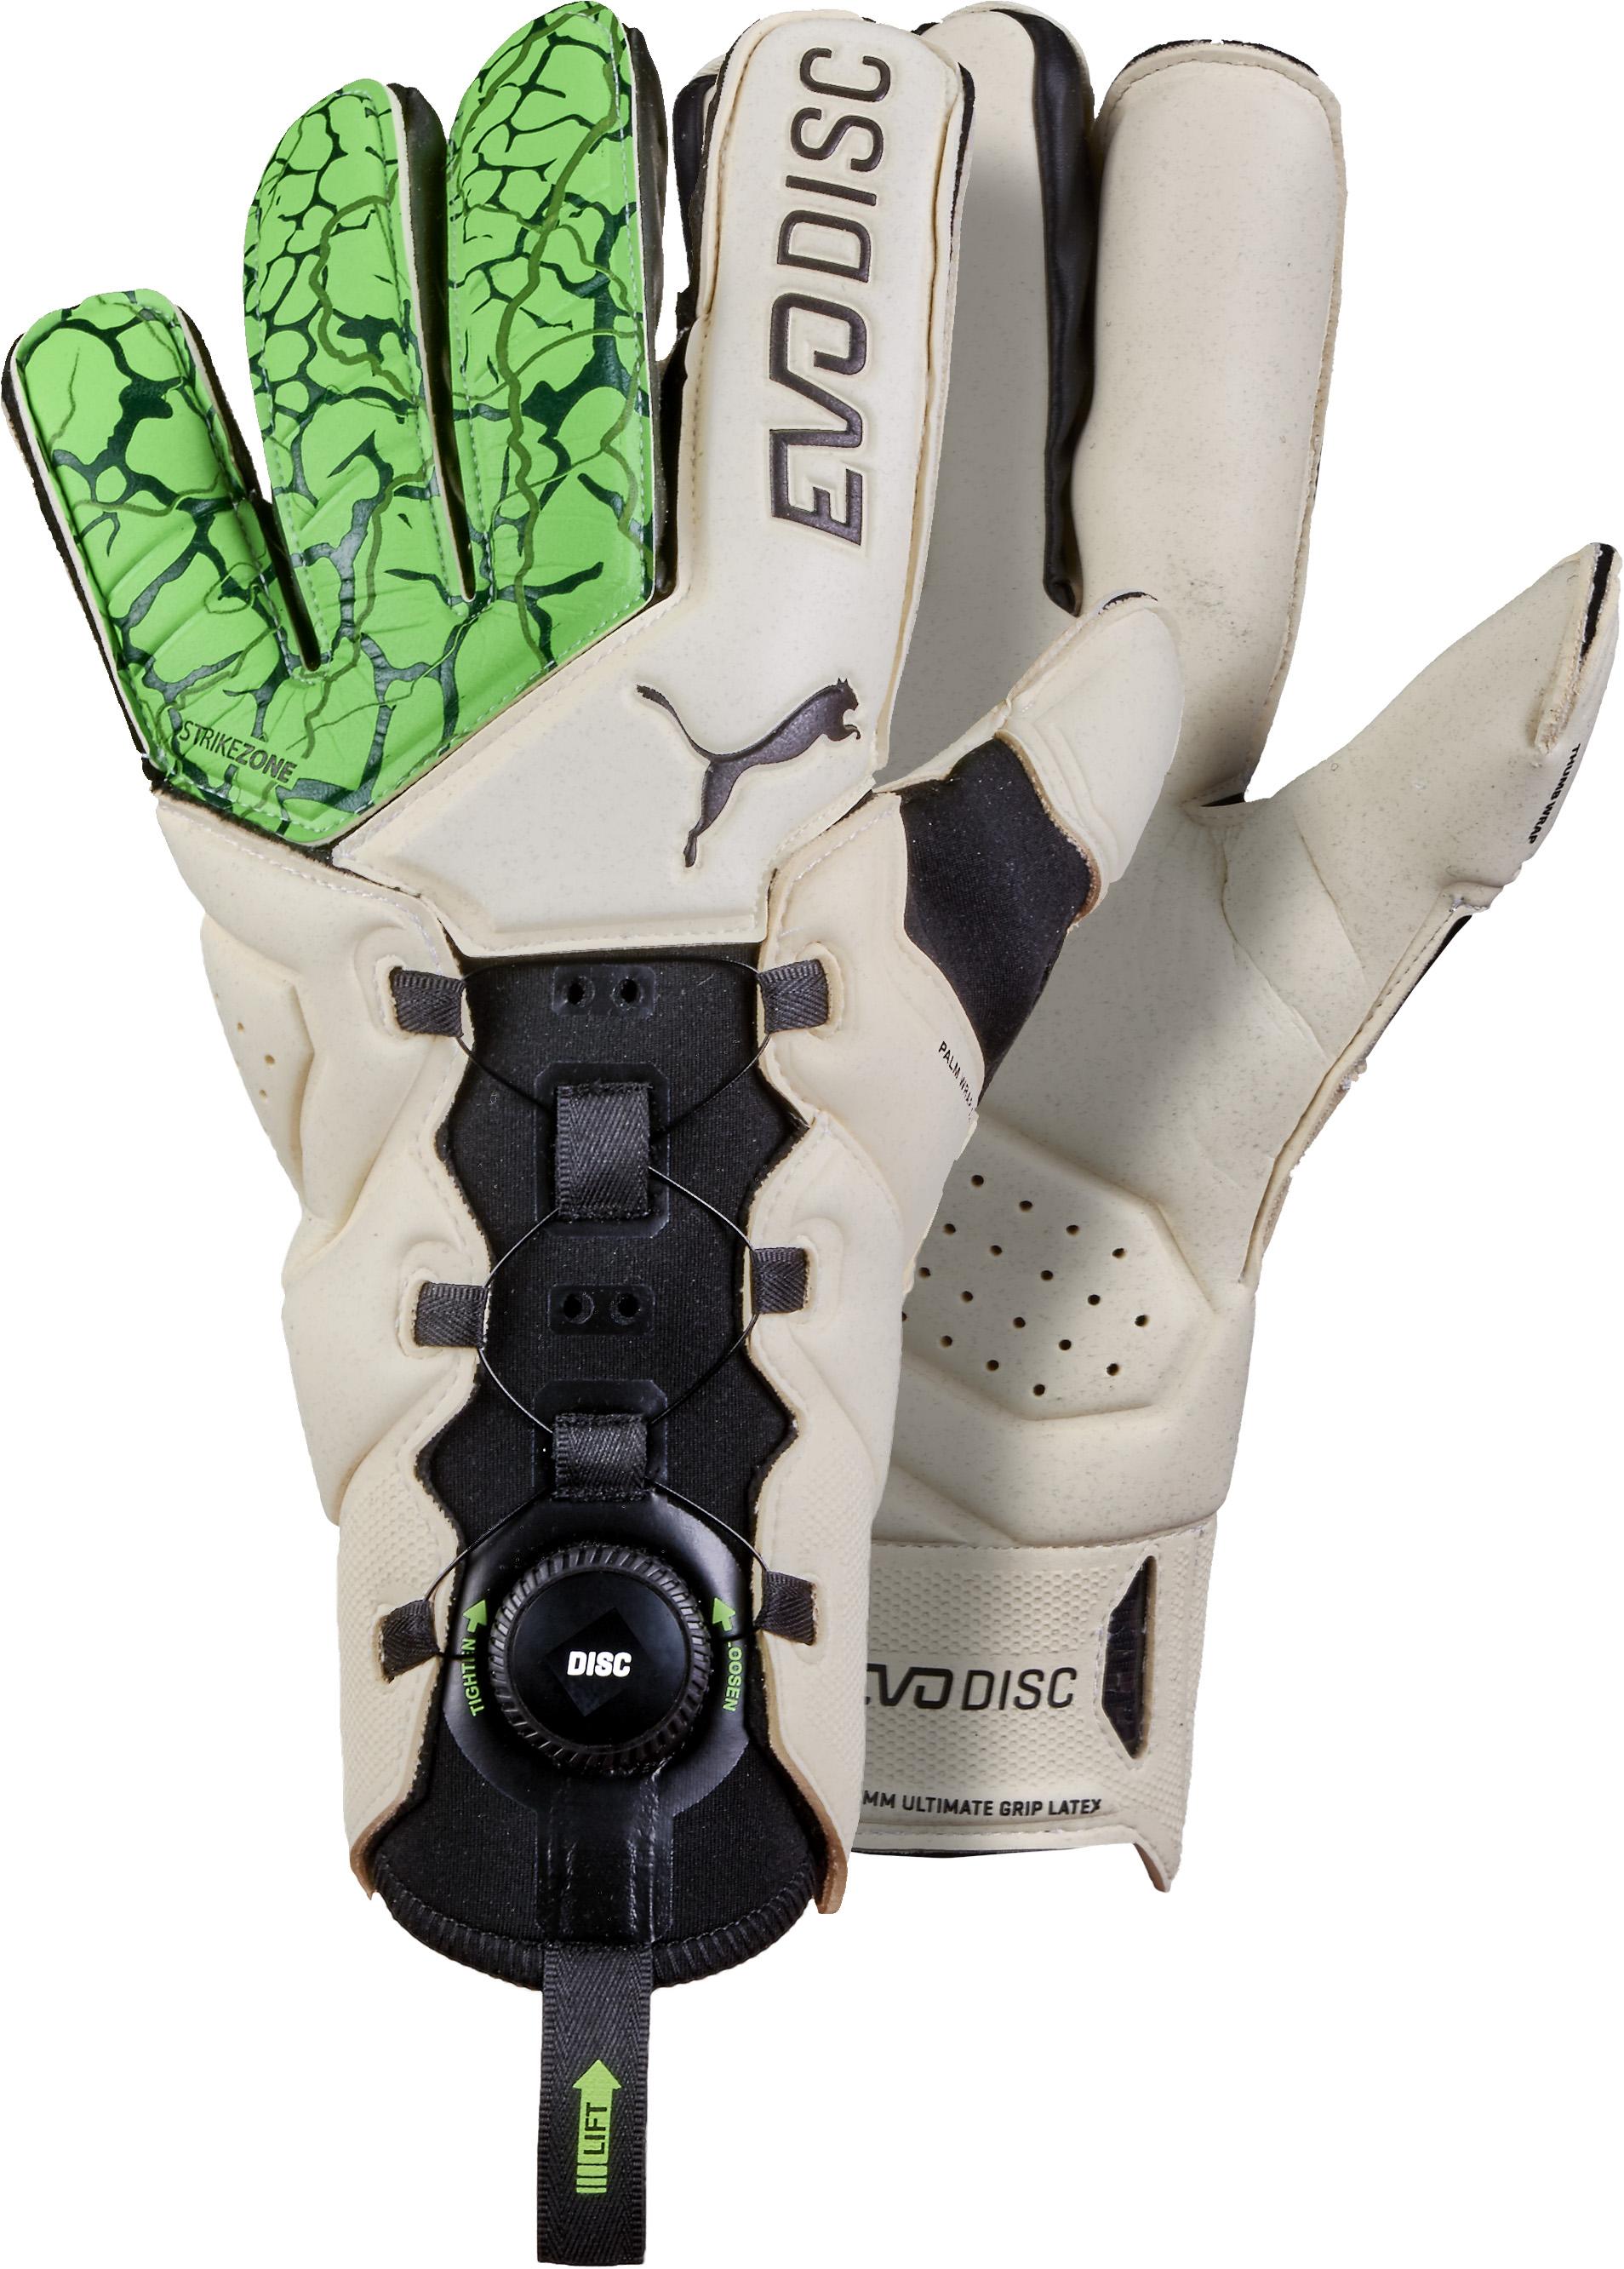 Puma evoDisc Goalkeeper Gloves - Green Gecko   Puma White - Soccer ... c0393042c6